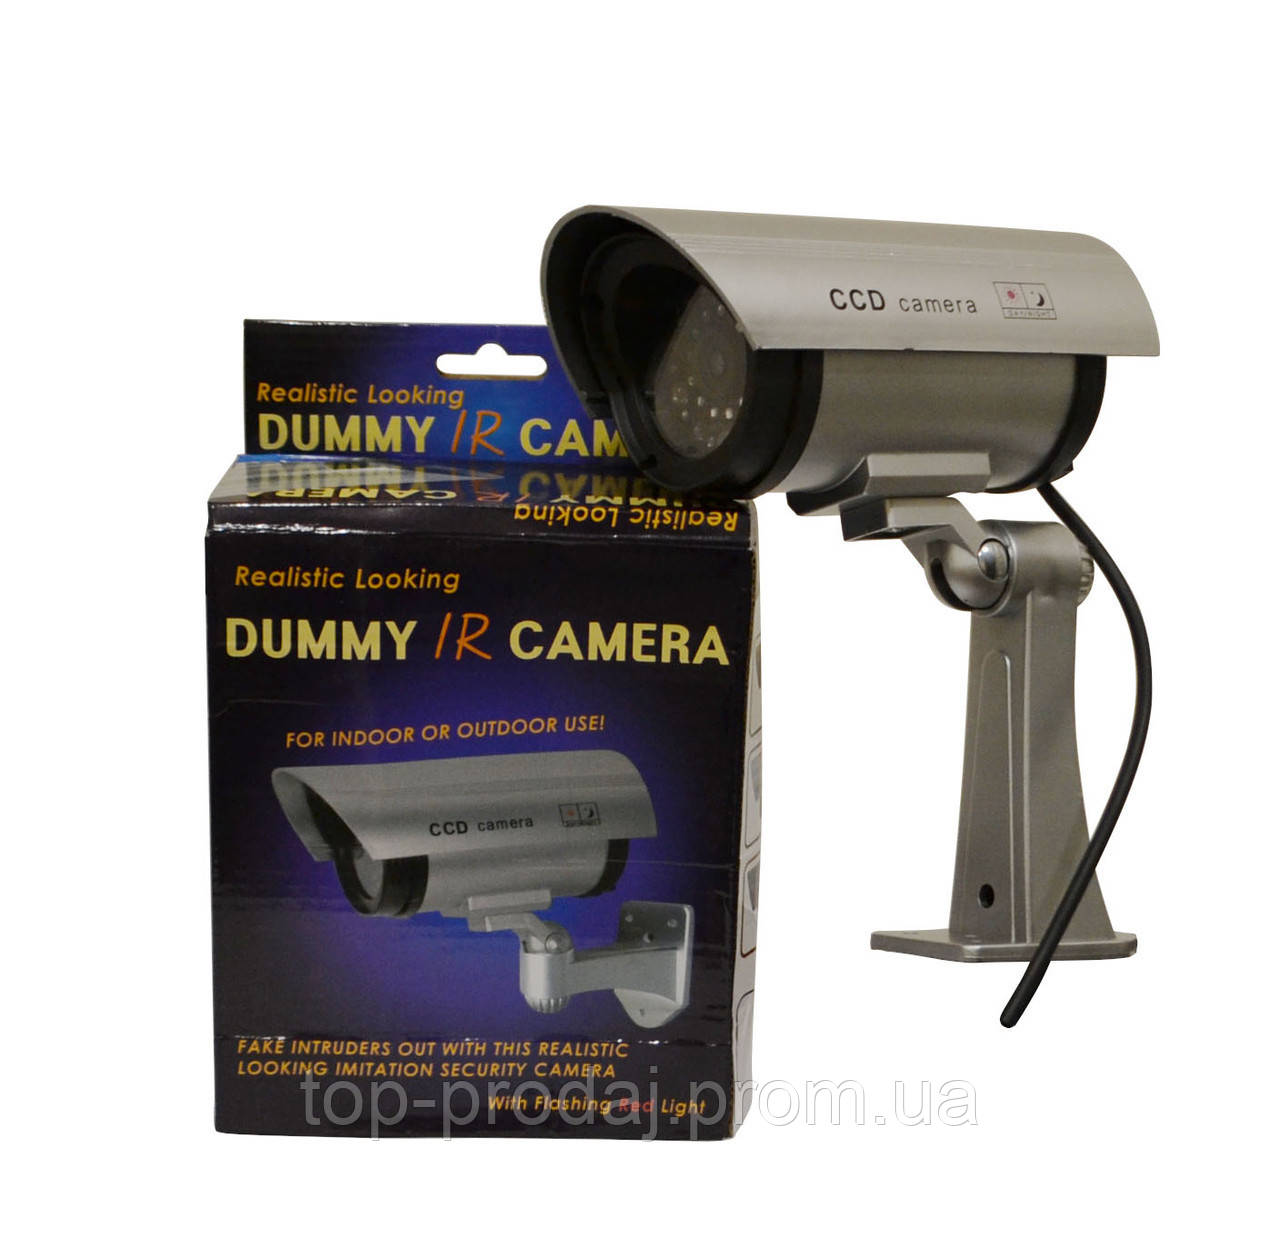 Муляж камеры  CAMERA DUMMY 1100, Корпусная камера-обманка, Муляж камеры видеонаблюдения,Уличная камера муляж